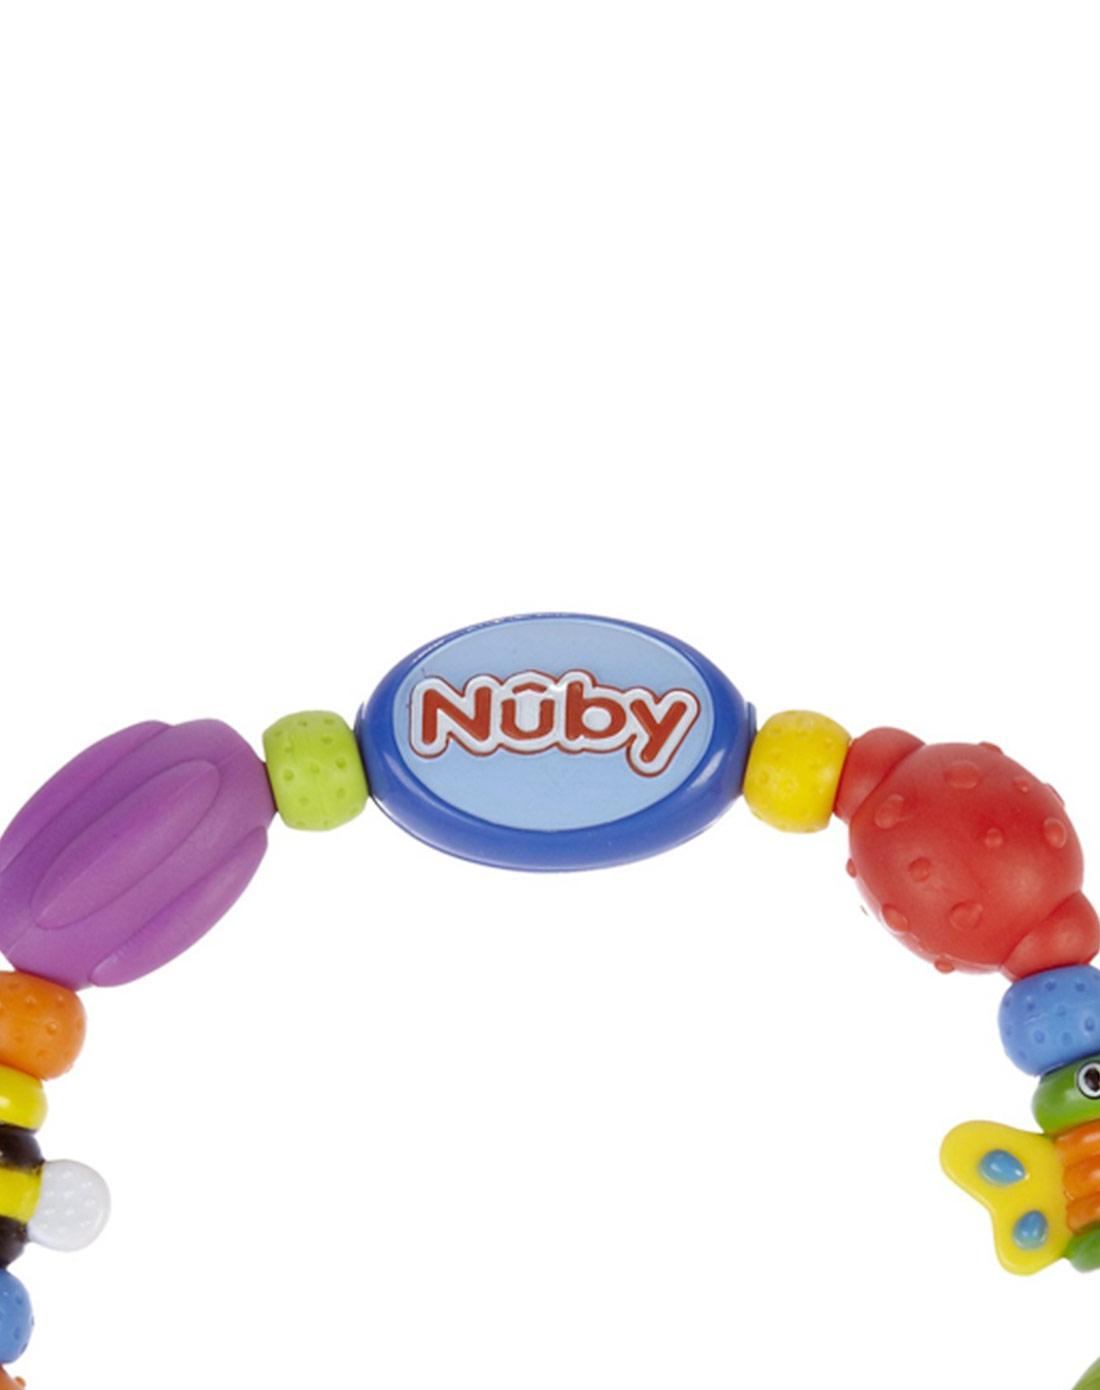 宝贝可爱nac nac&努比nuby婴童用品专场nuby